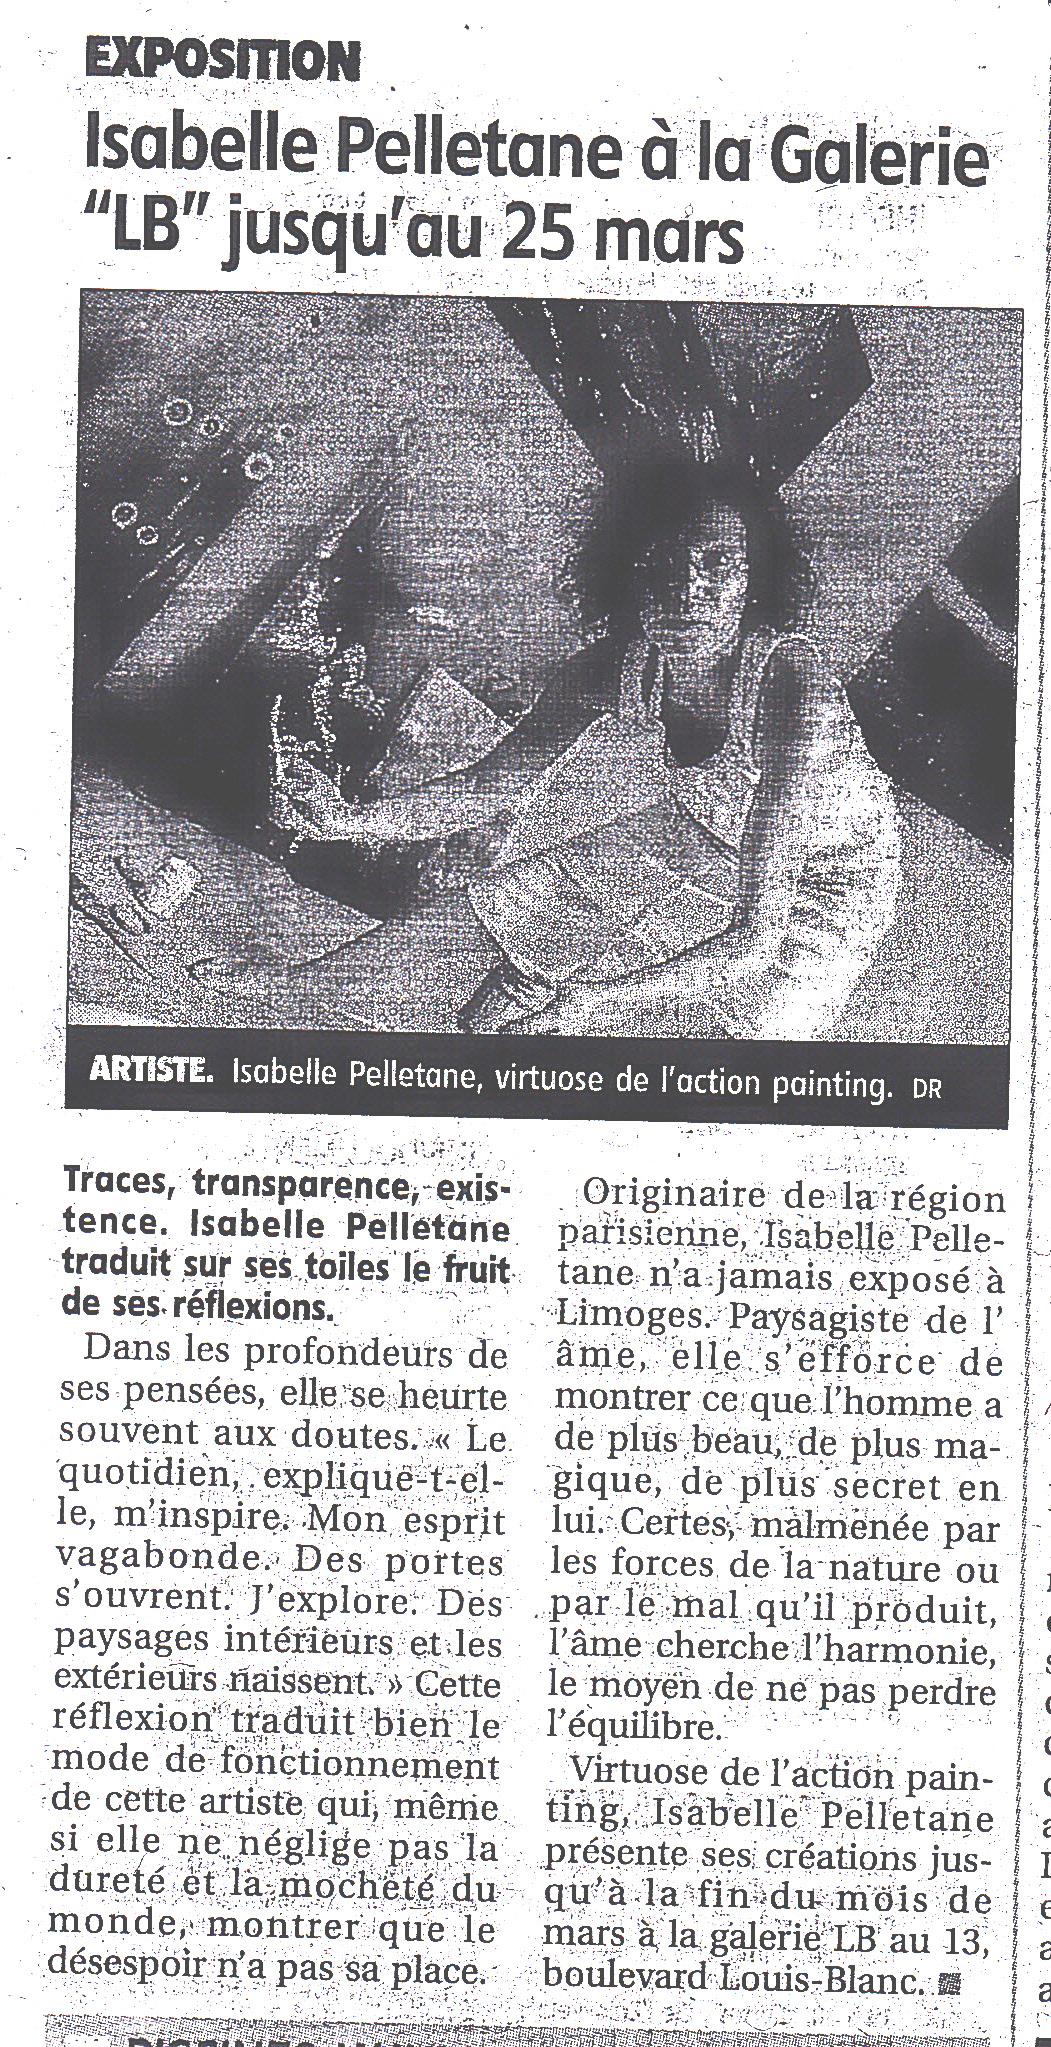 """Le Populaire : """"Isabelle Pelletane à la galerie LB"""" – LIMOGES"""